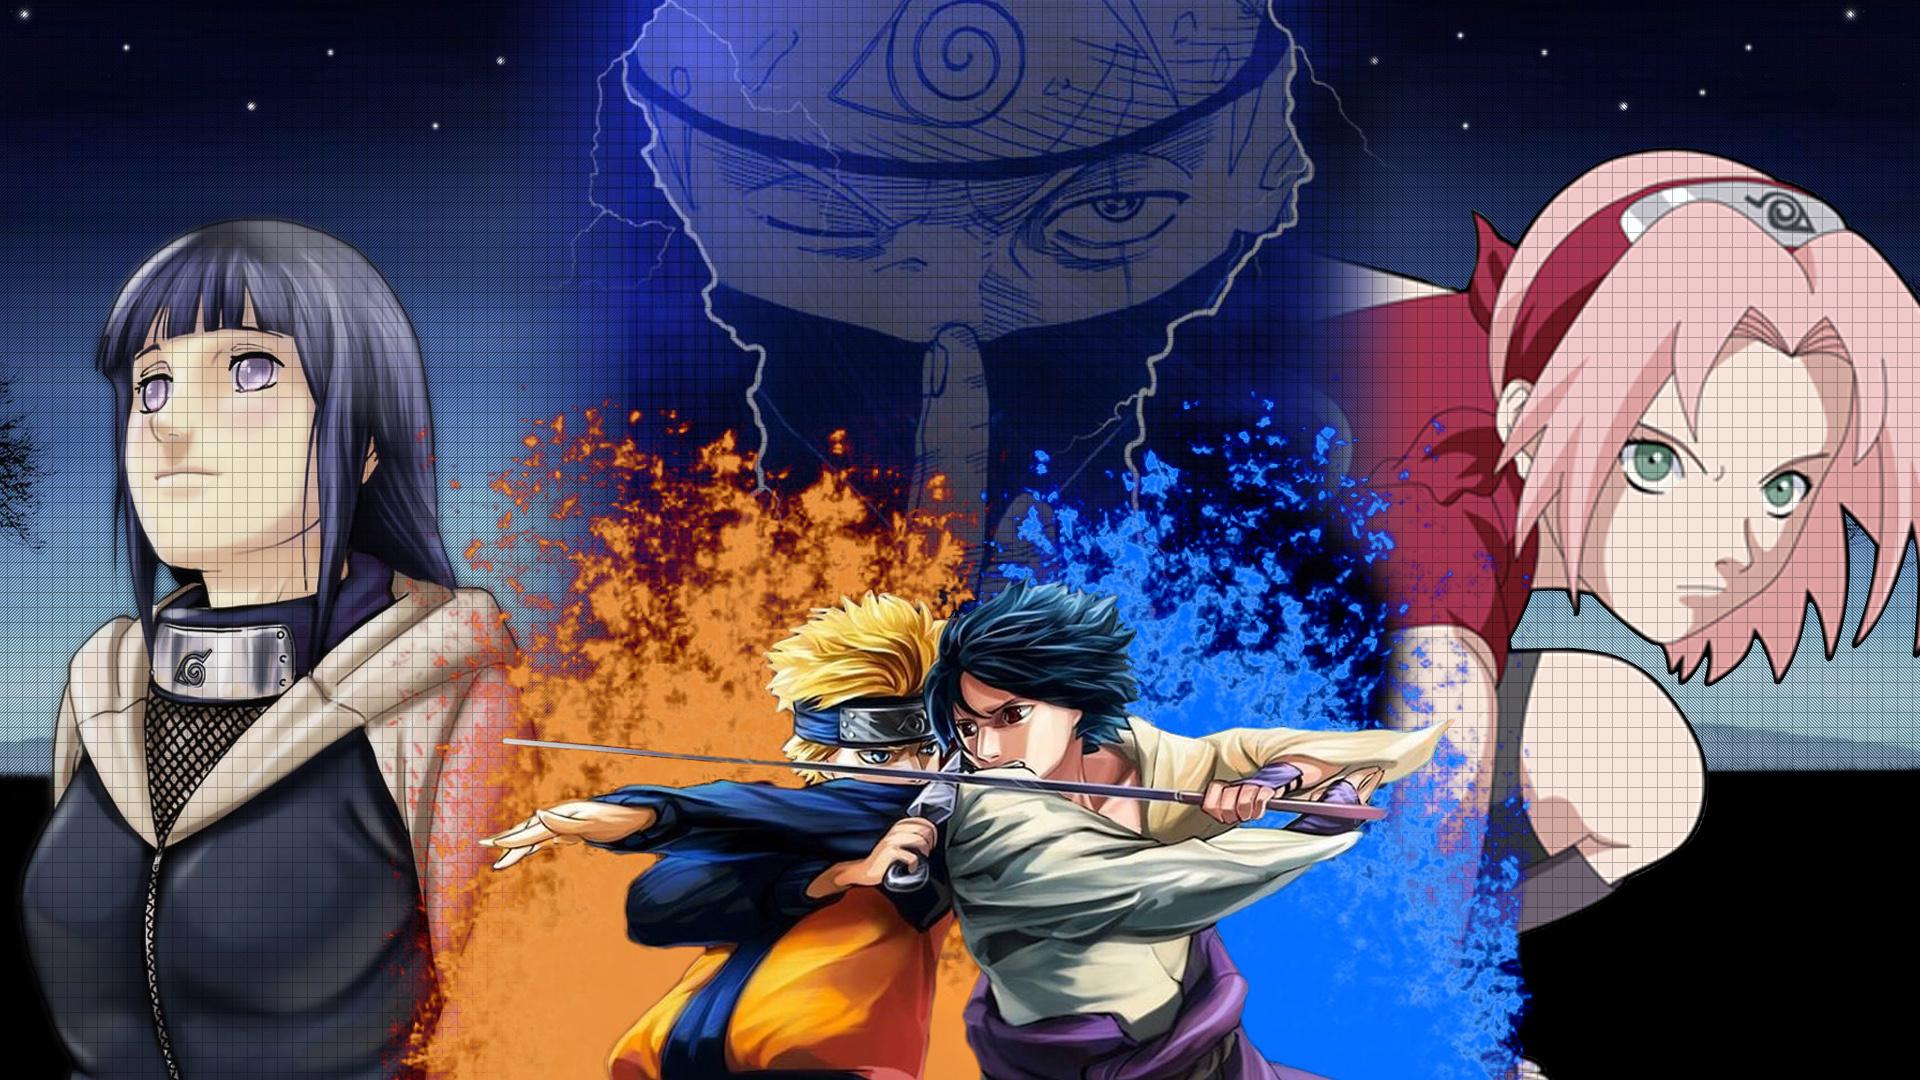 Popular Wallpaper Naruto Good - naruto-and-hinata-wallpaper-hd-26  Snapshot_303929.jpg